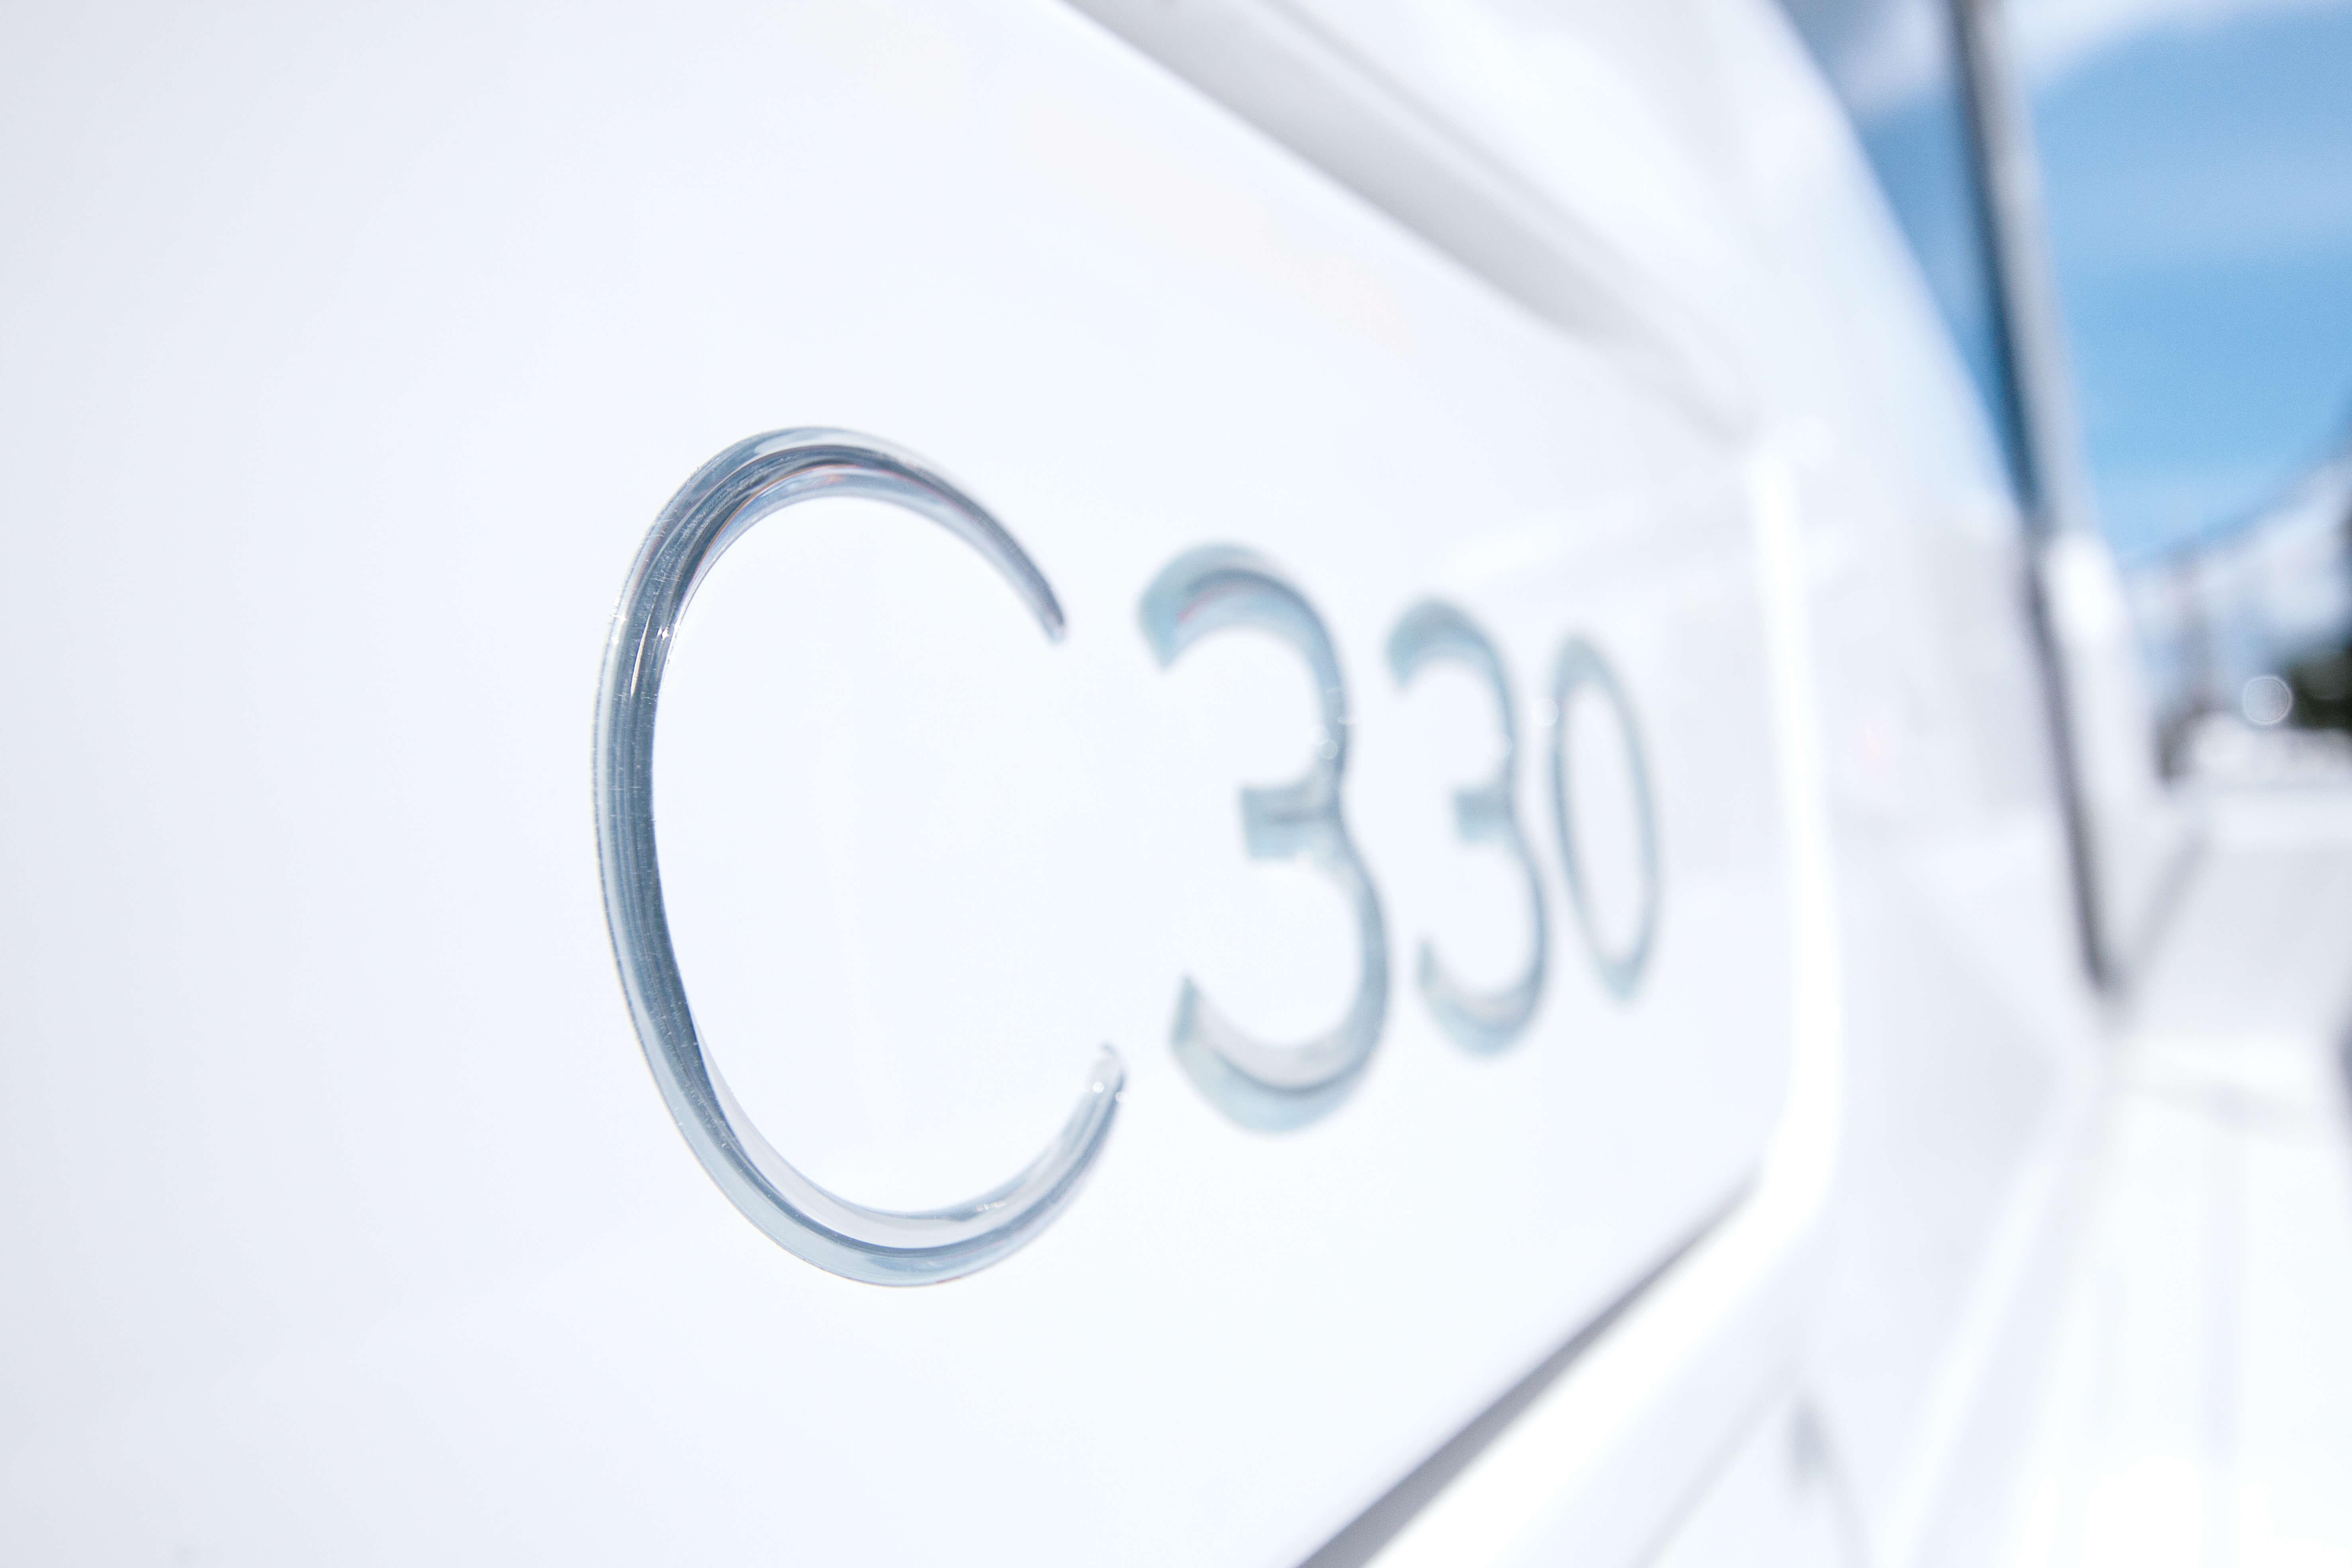 Sealine C330: Exterior